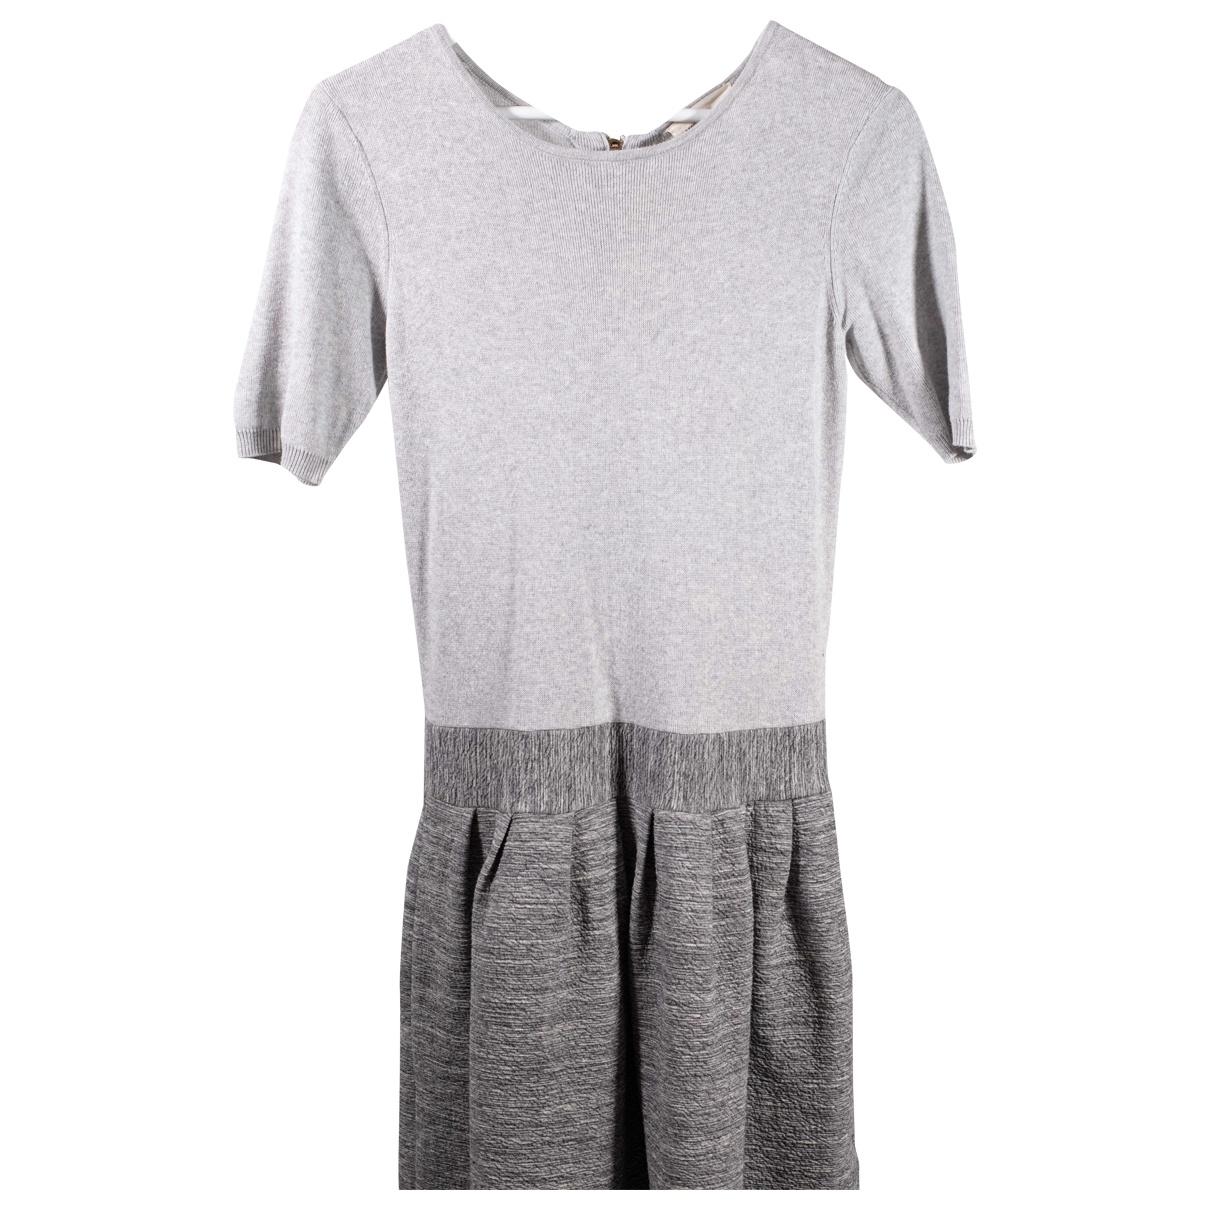 Marie Sixtine \N Kleid in  Grau Baumwolle